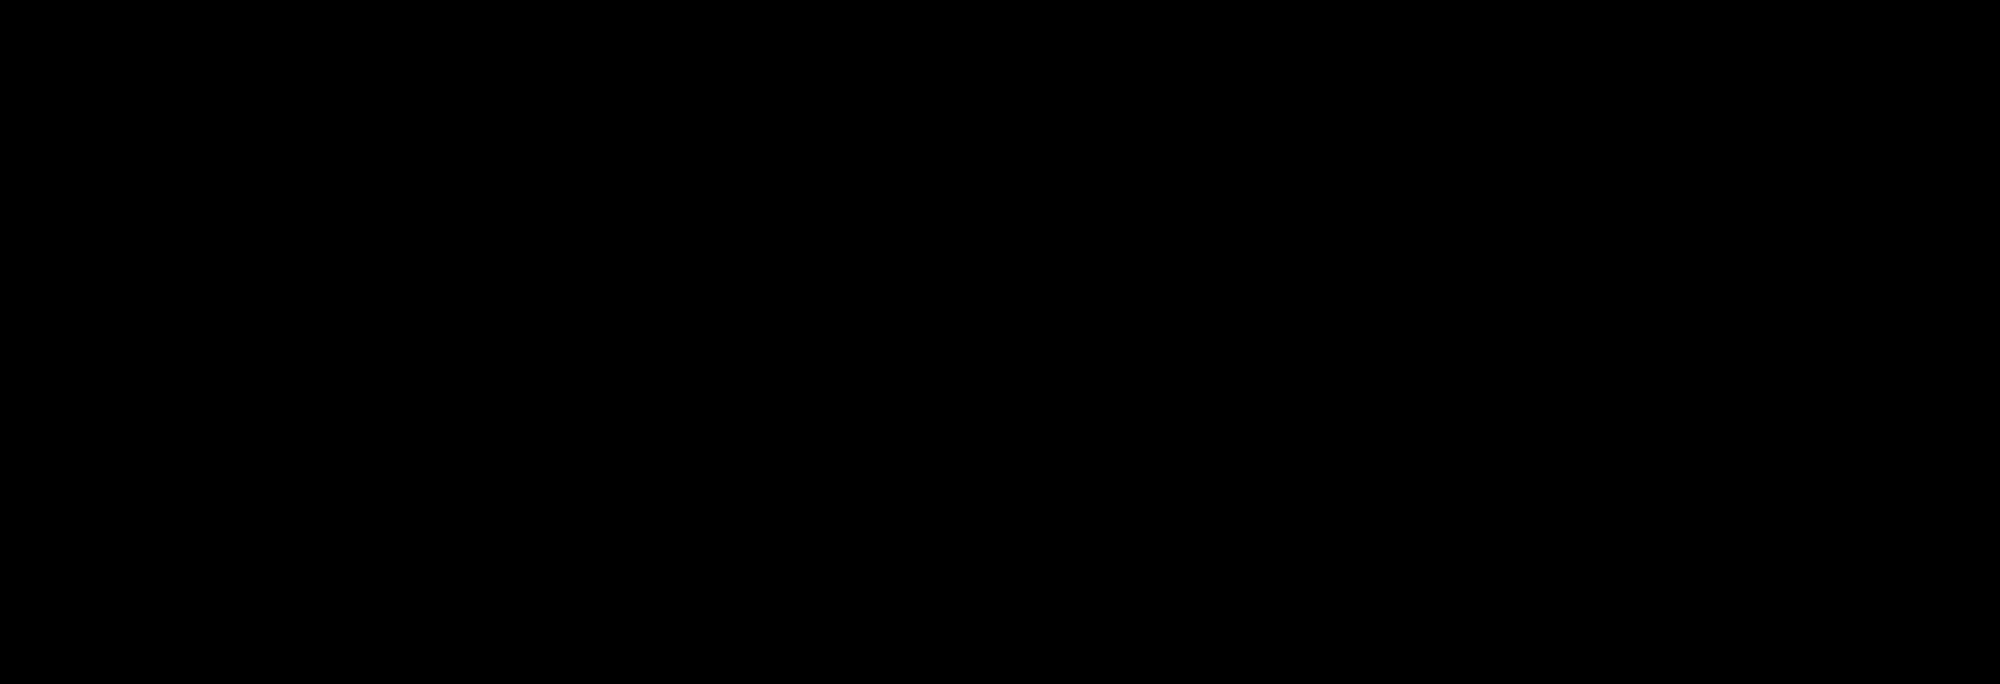 100% SATISFACTION-logo-black.png